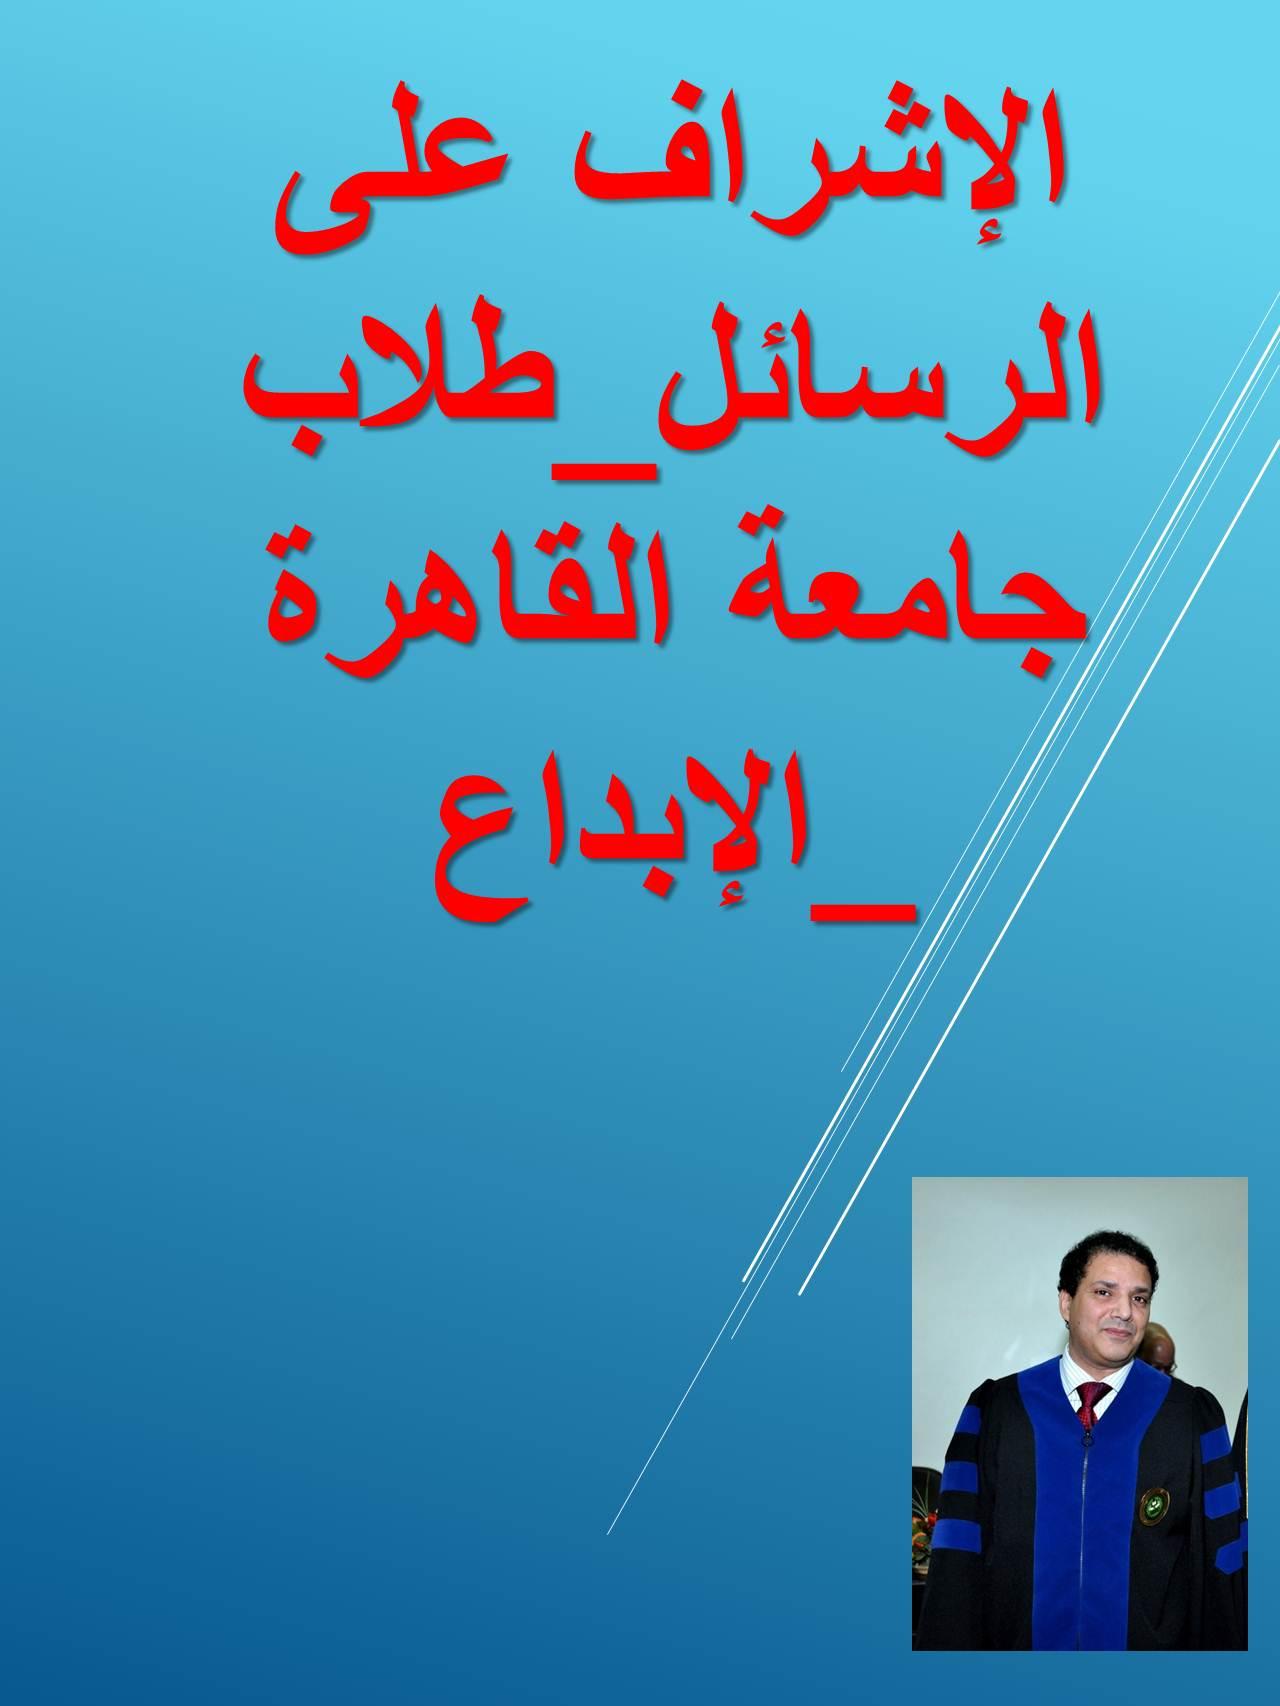 الإشراف_طلاب جامعة القاهرة_الإبداع